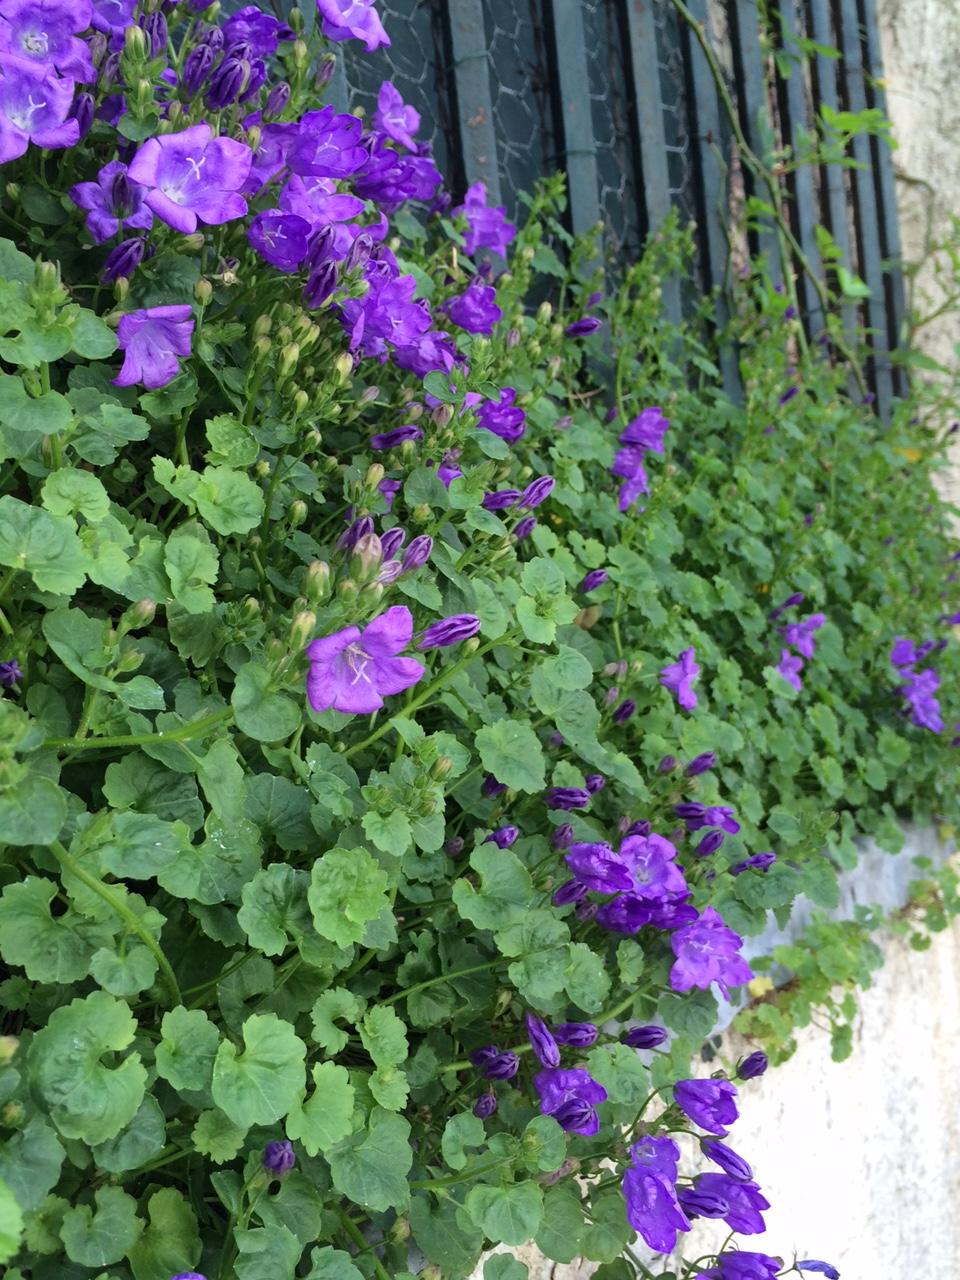 fleurs_violettes_paris_siro_avril_2016